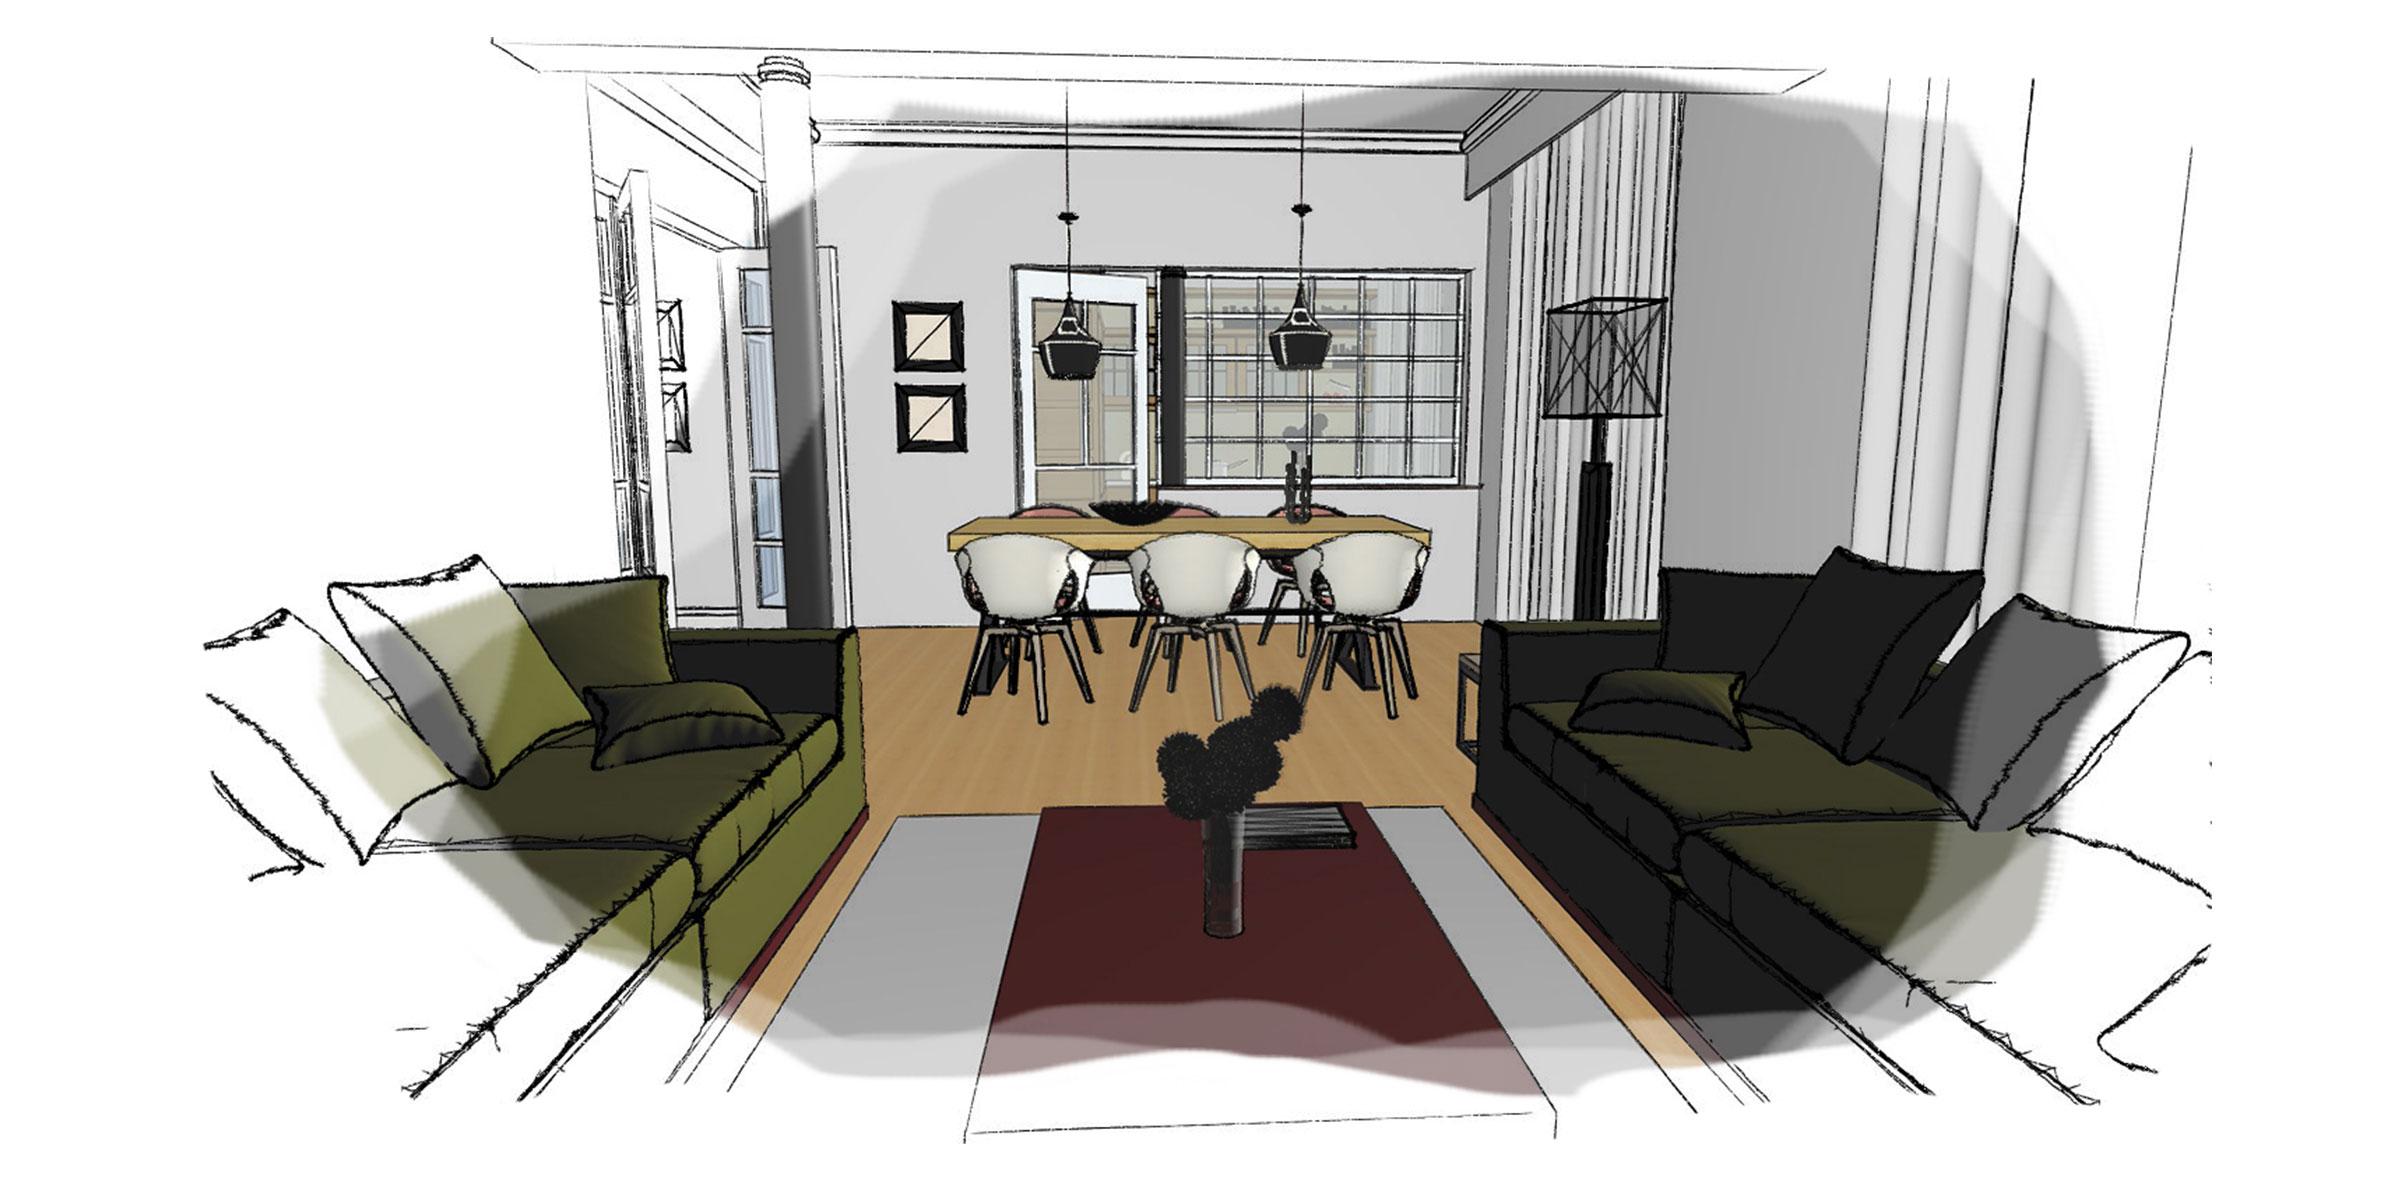 egnatia interior architecture sketch 2